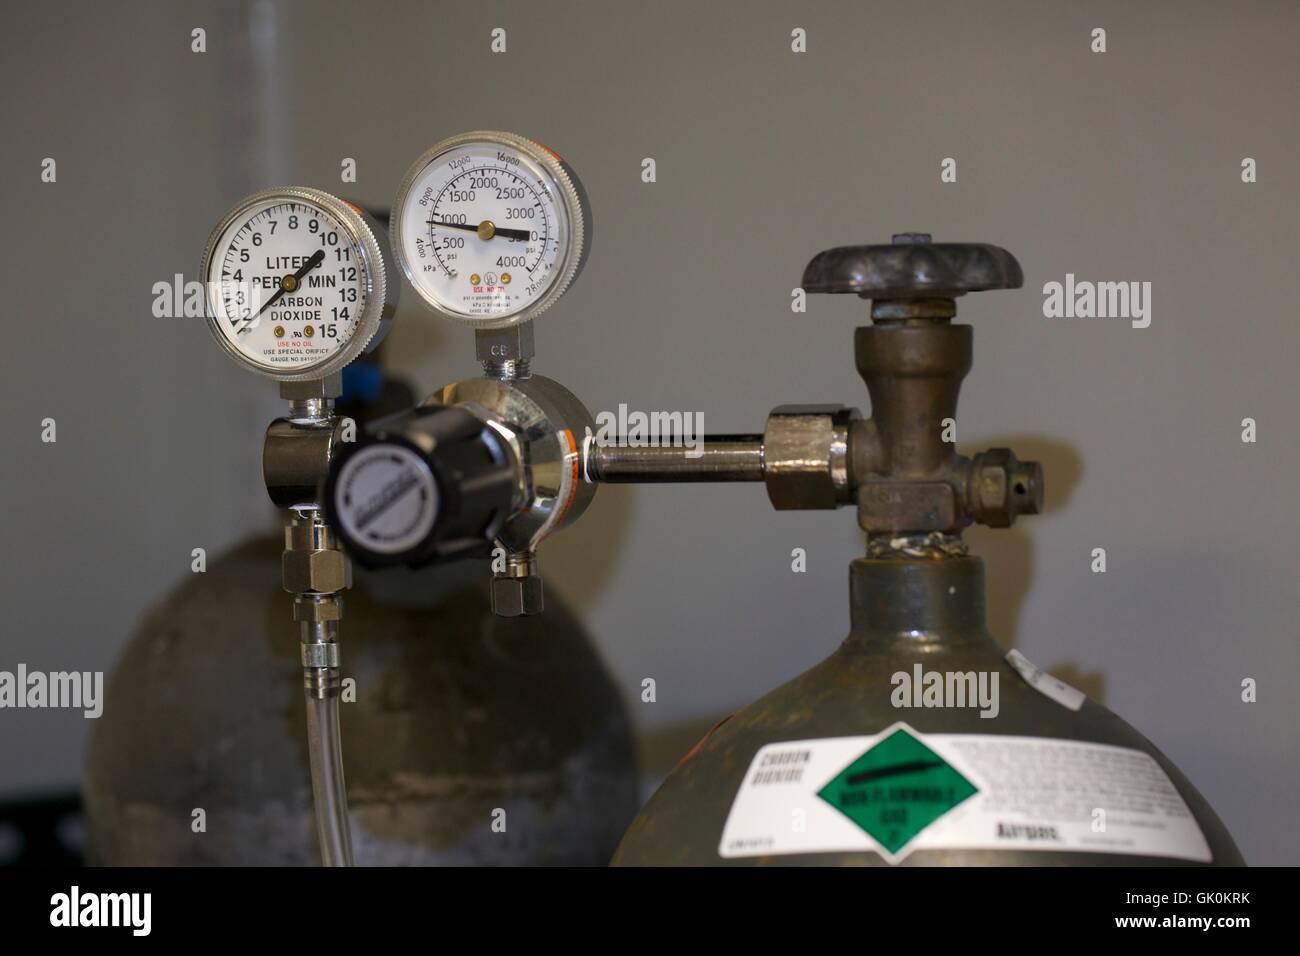 Manomètre et valve sur le dioxyde de carbone du réservoir. Photo Stock